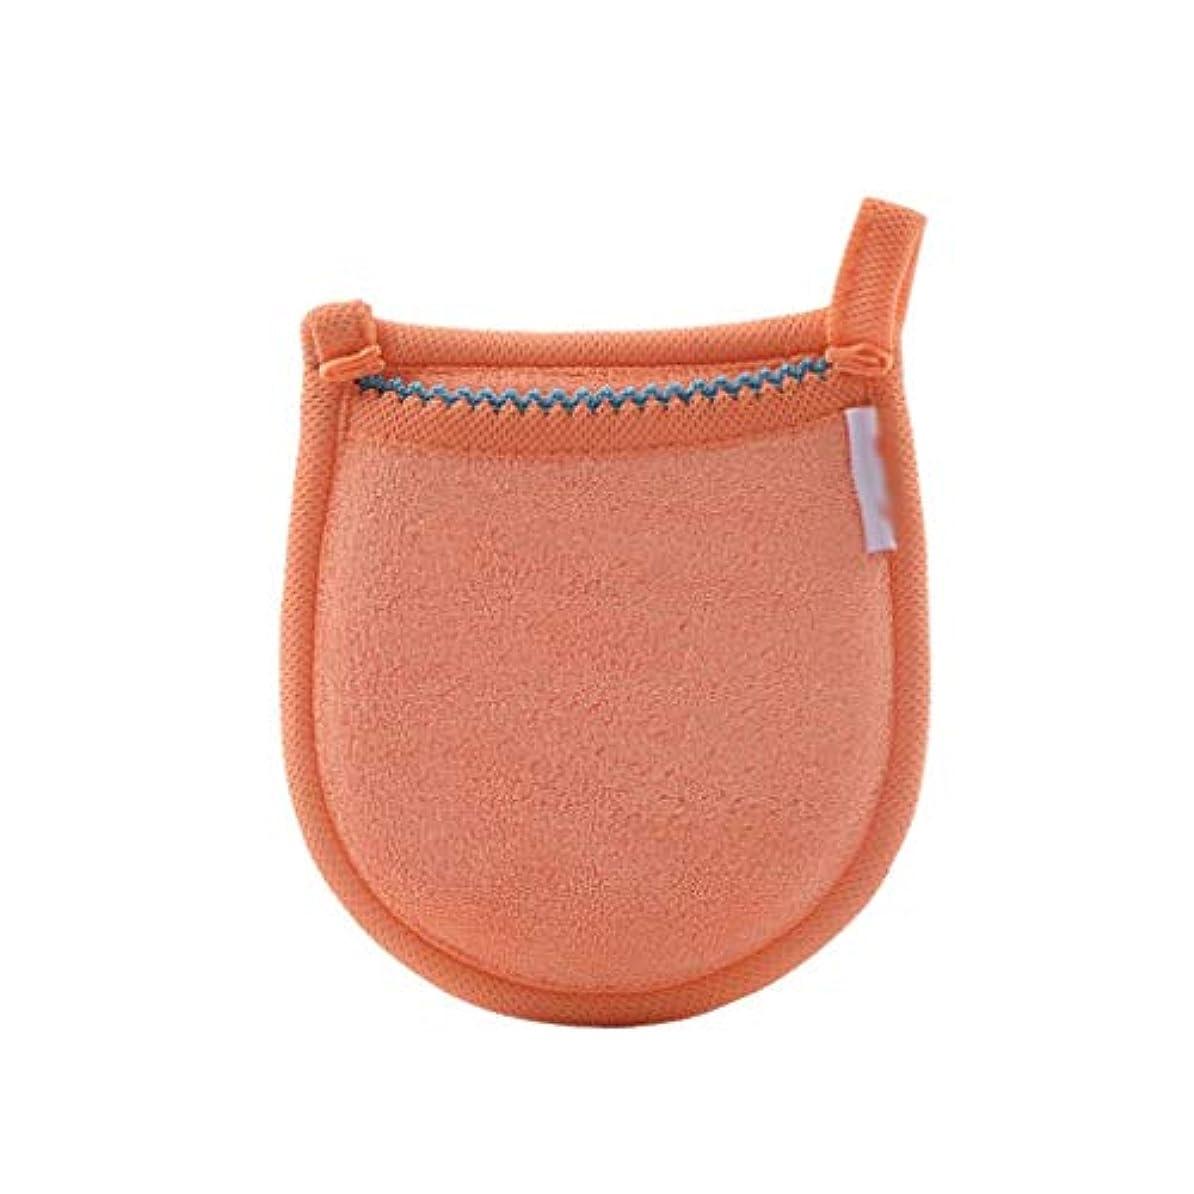 息切れ天使滑りやすい1ピースフェイシャル竹炭スポンジフェイスメイク落とし美容再利用可能なフェイスタオルクリーニンググローブ洗濯メイクアップツール (Color : Orange)